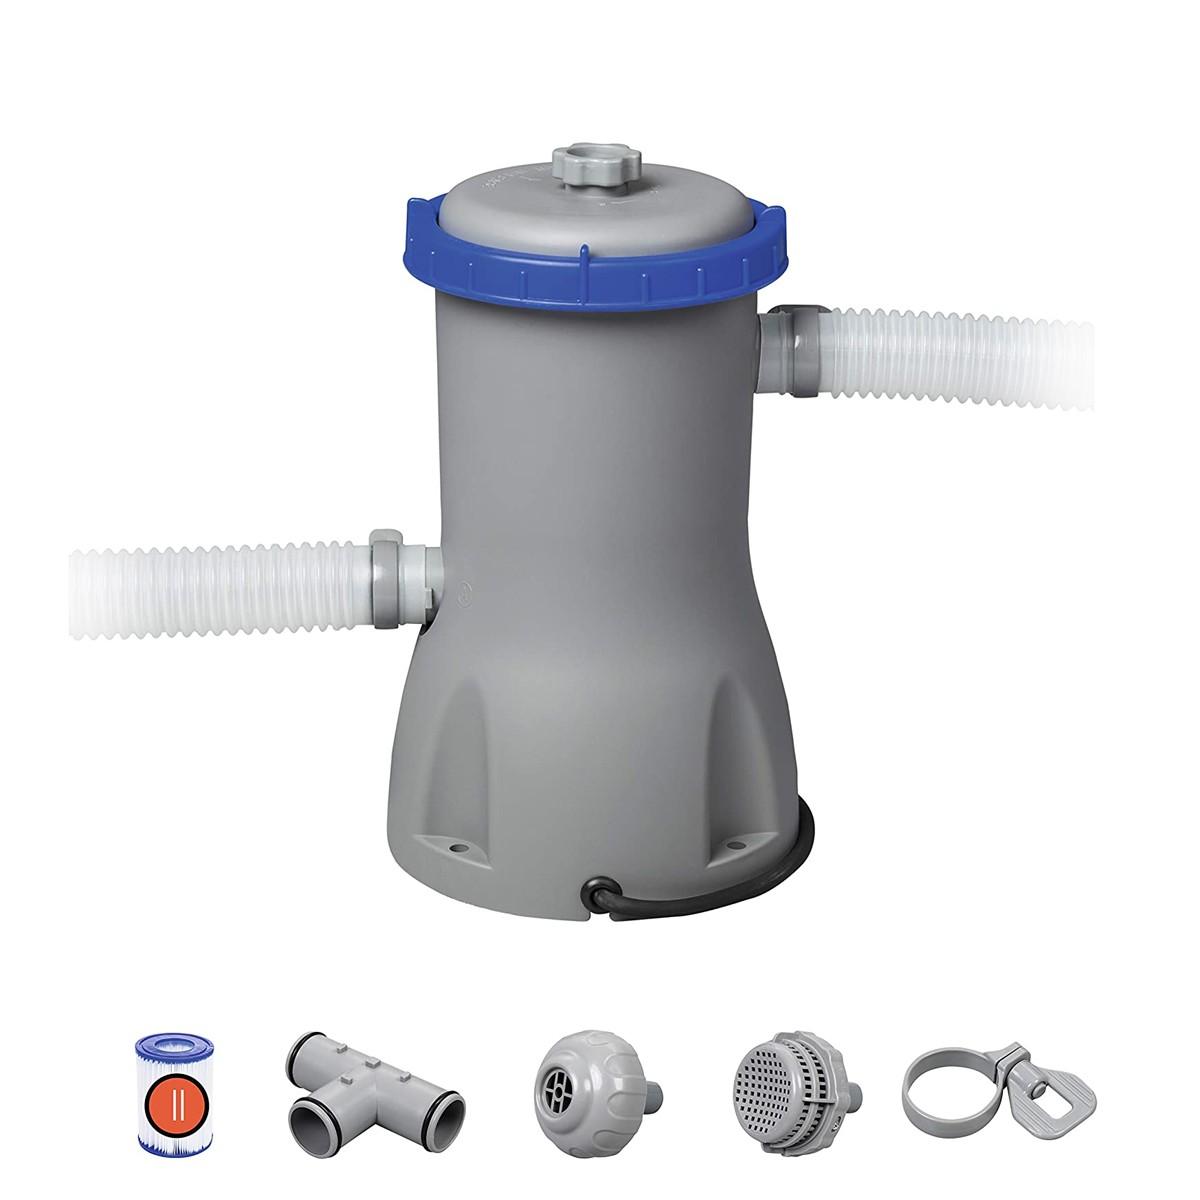 Pompa Filtro 3.028 L/h